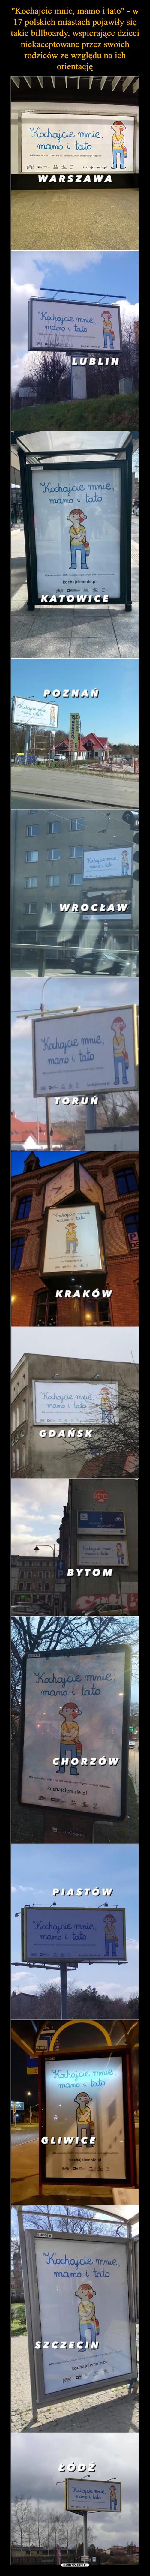 """""""Kochajcie mnie, mamo i tato"""" - w 17 polskich miastach pojawiły się takie billboardy, wspierające dzieci niekaceptowane przez swoich rodziców ze względu na ich orientację"""